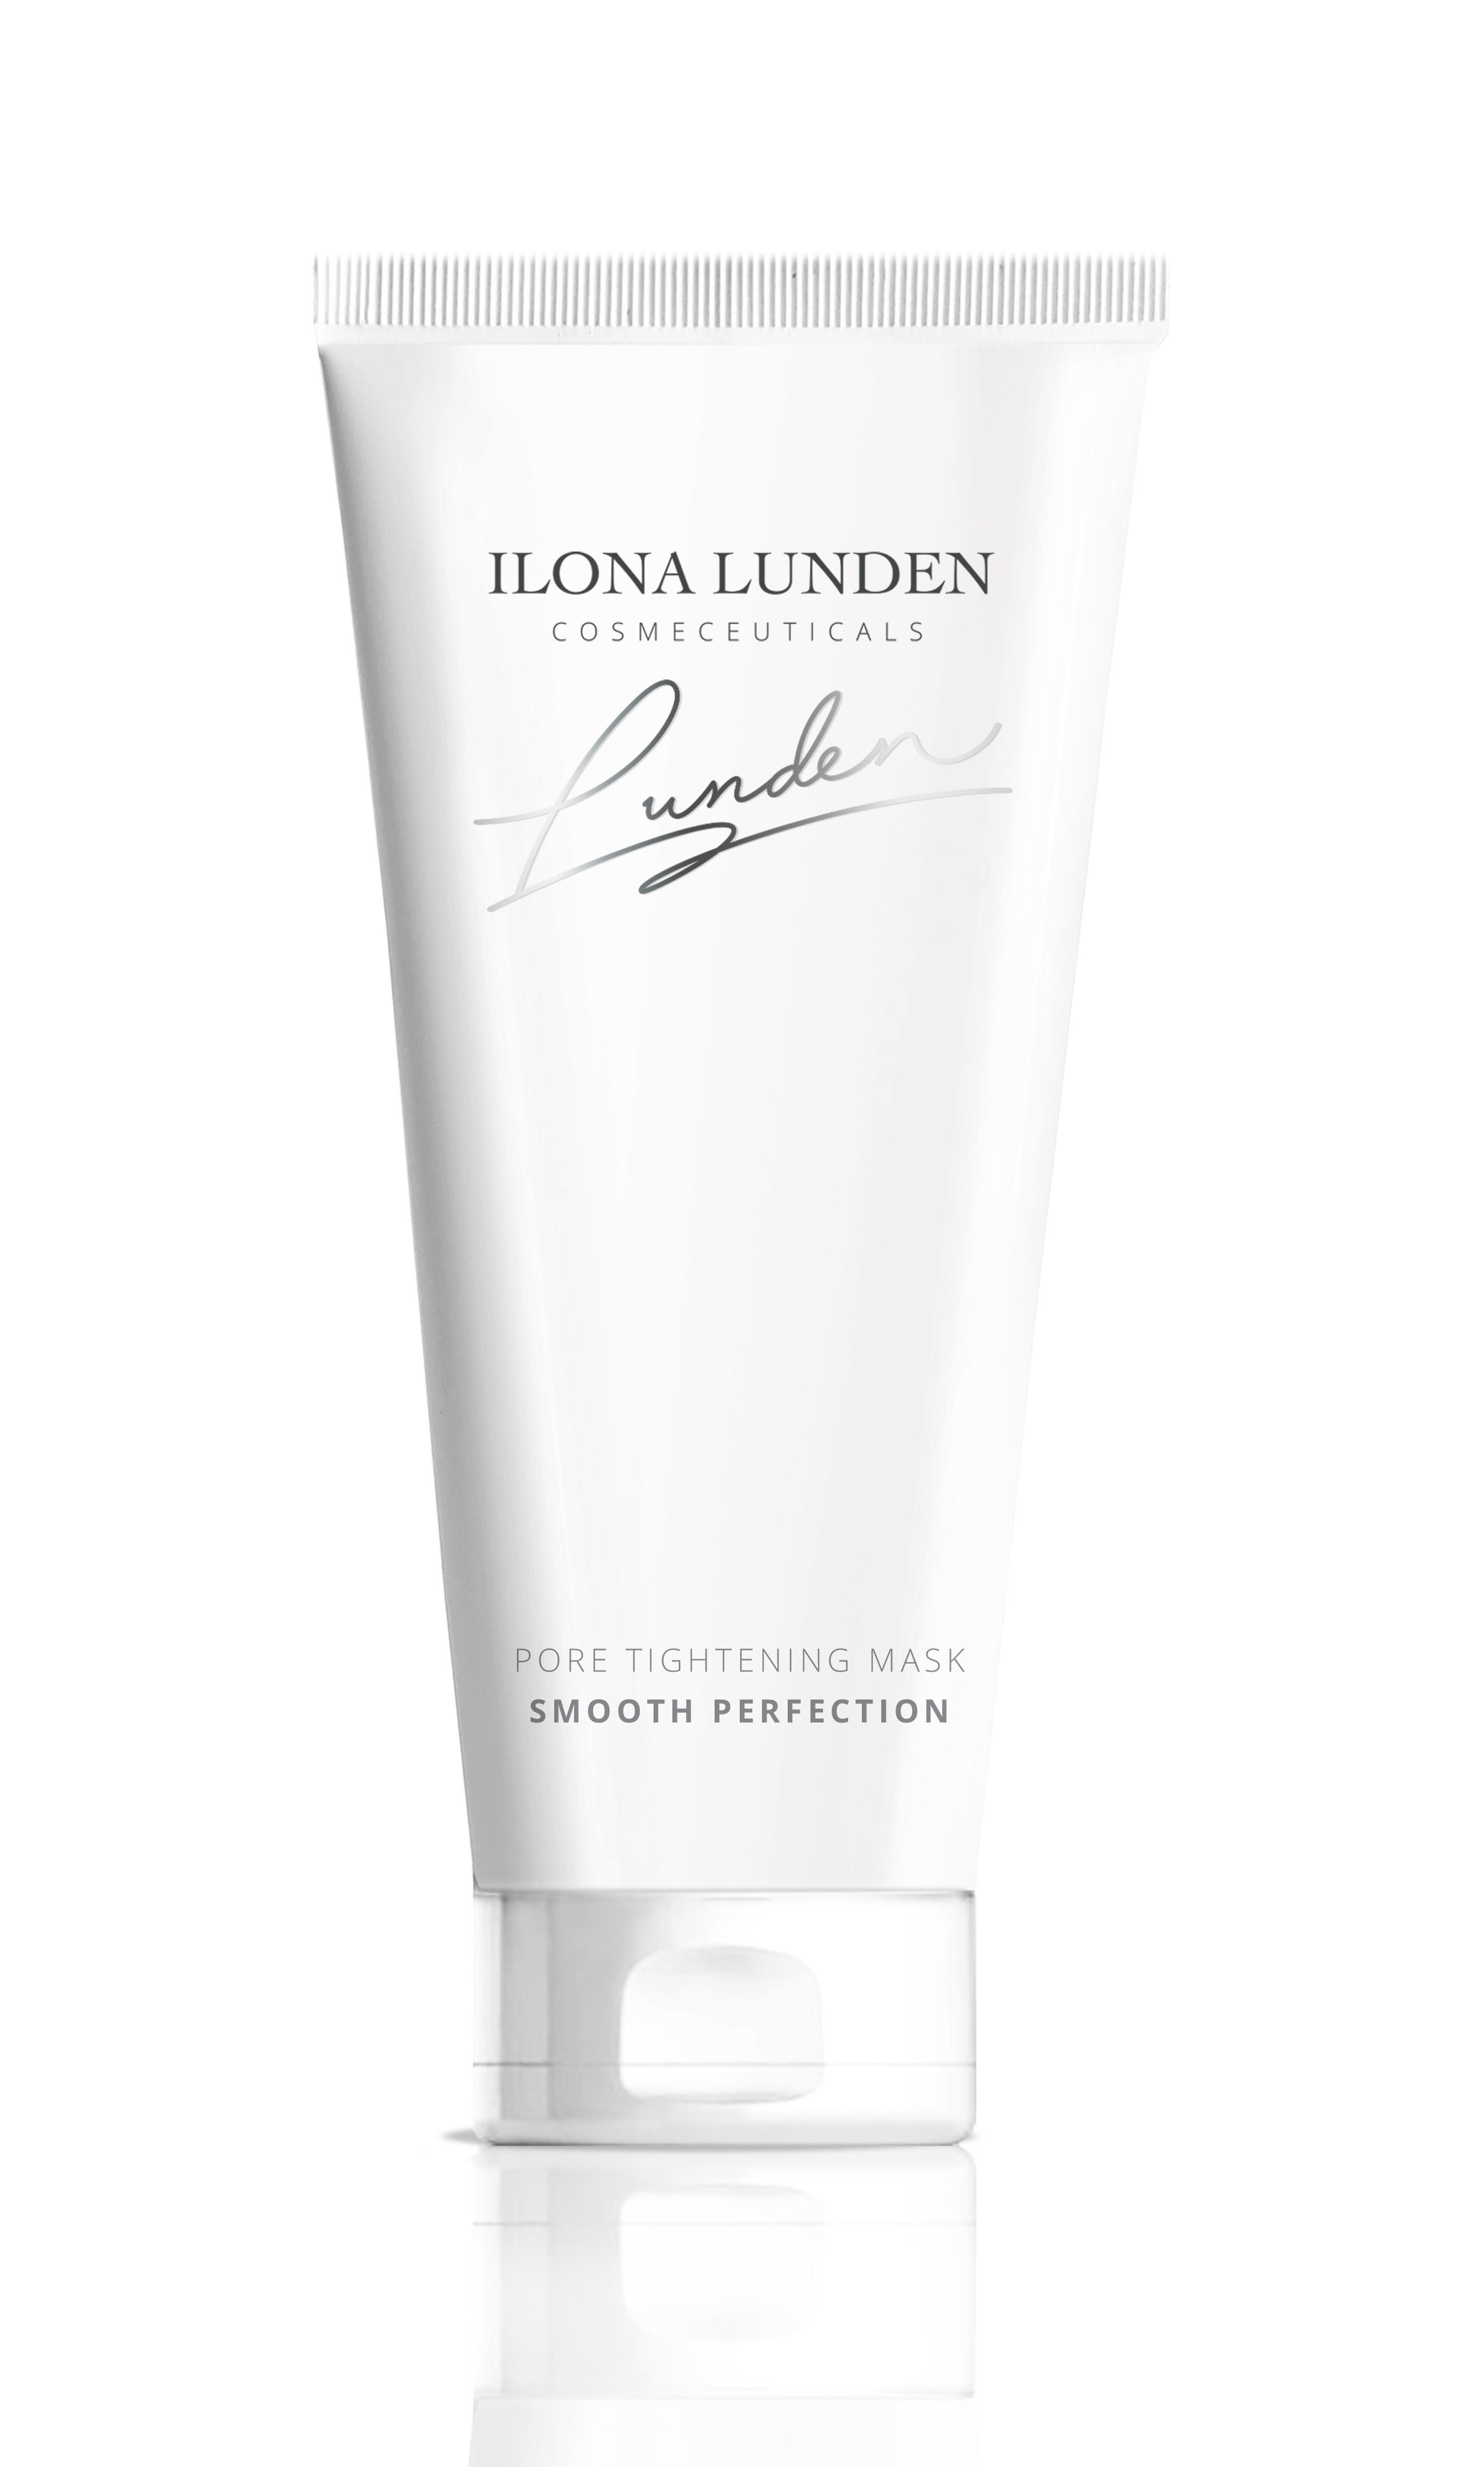 Маска для лица «Мгновенное преображение», Ilona Lunden